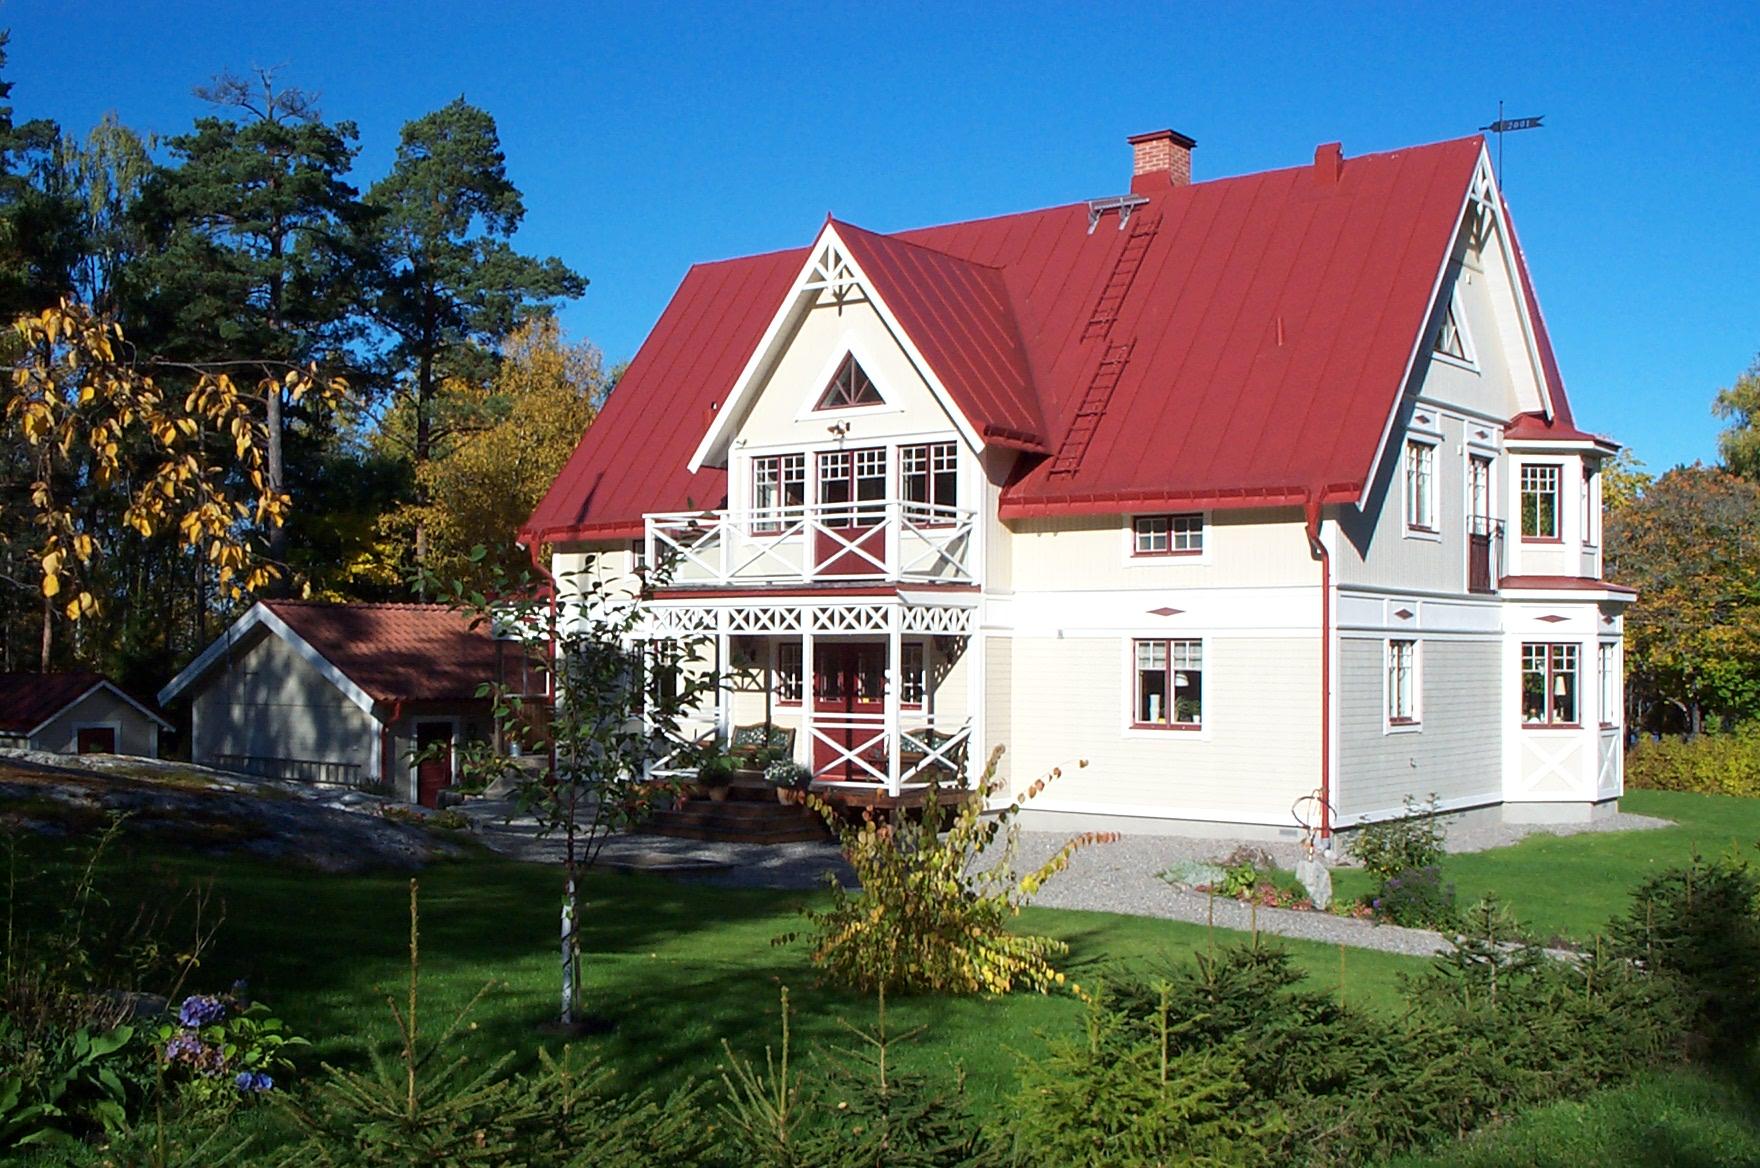 Casa de color blanco en Sala, Suecia <br> Foto: Israel Ubeda / sweetsweden.com